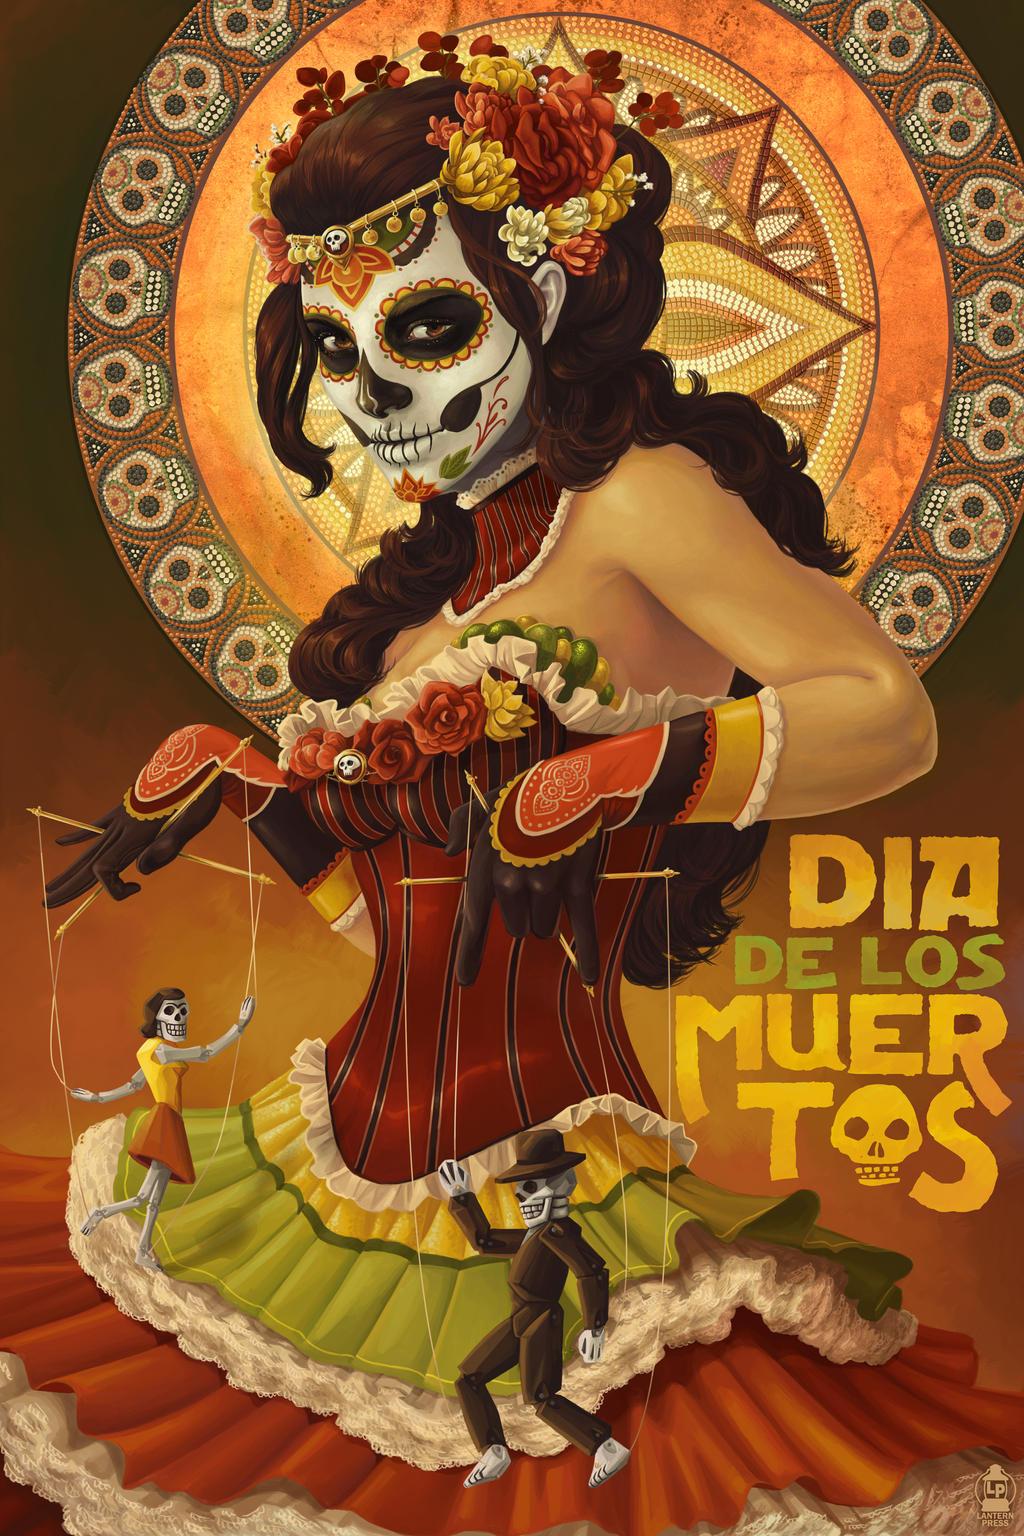 Dia de los Muertos by Chronoperates